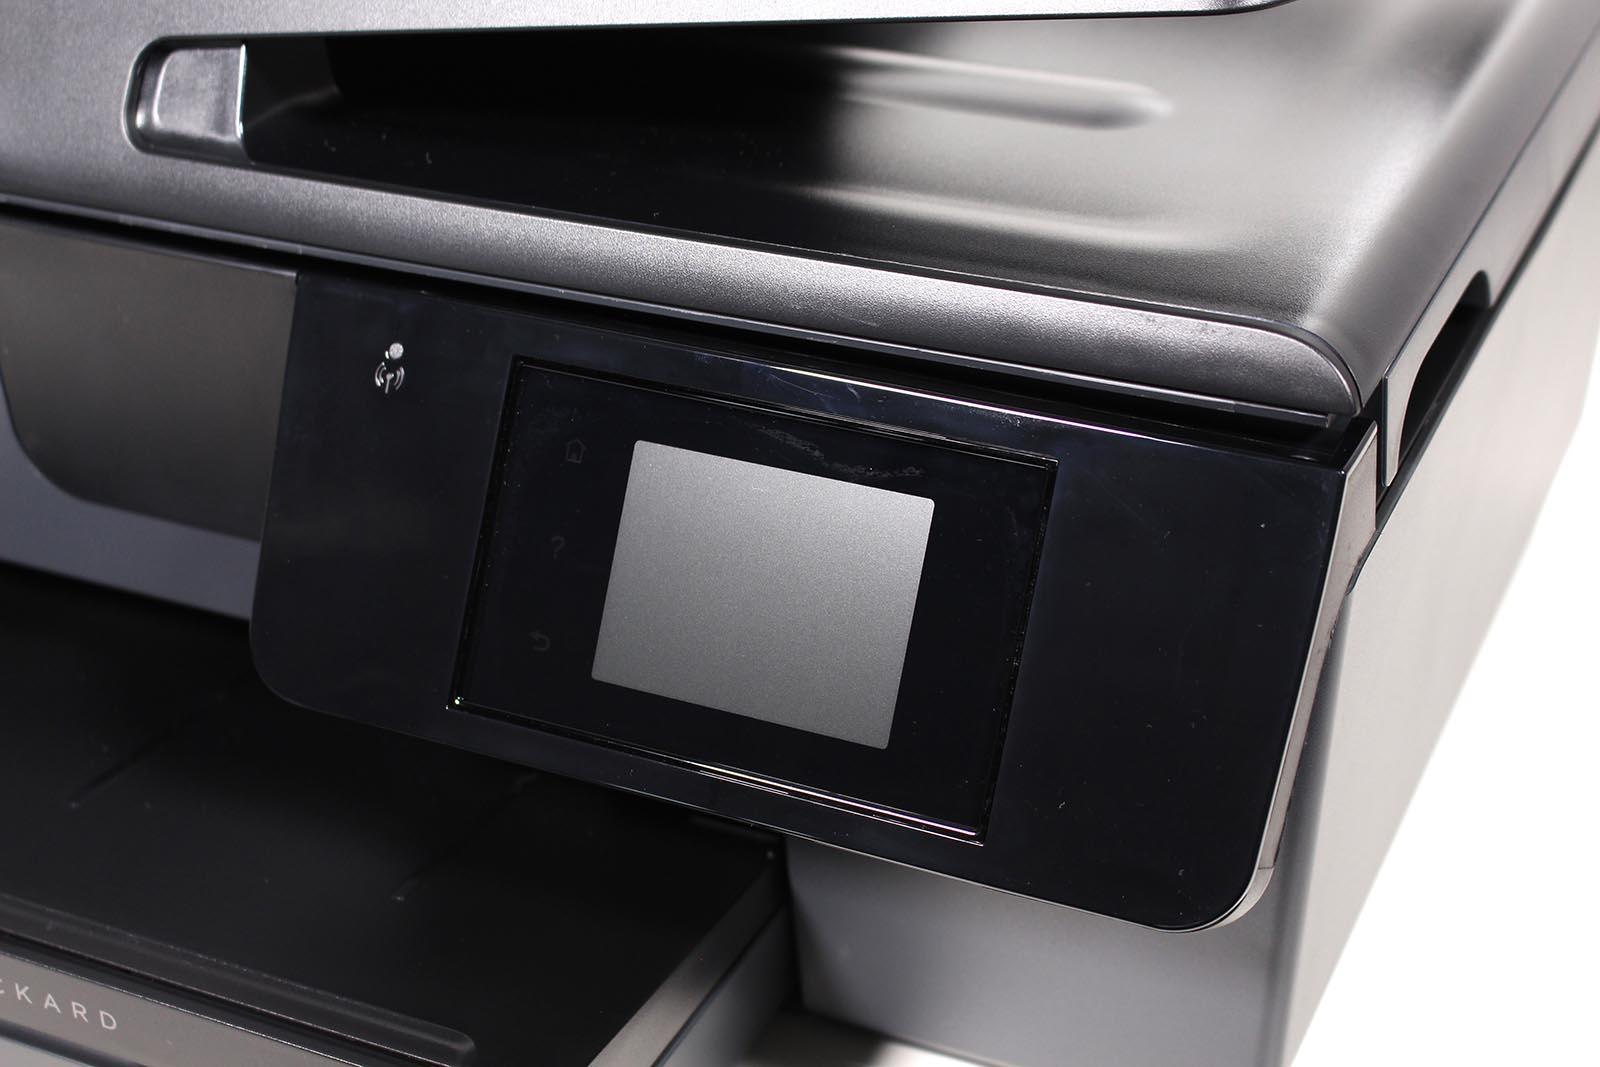 Test: HP Officejet Pro 6830